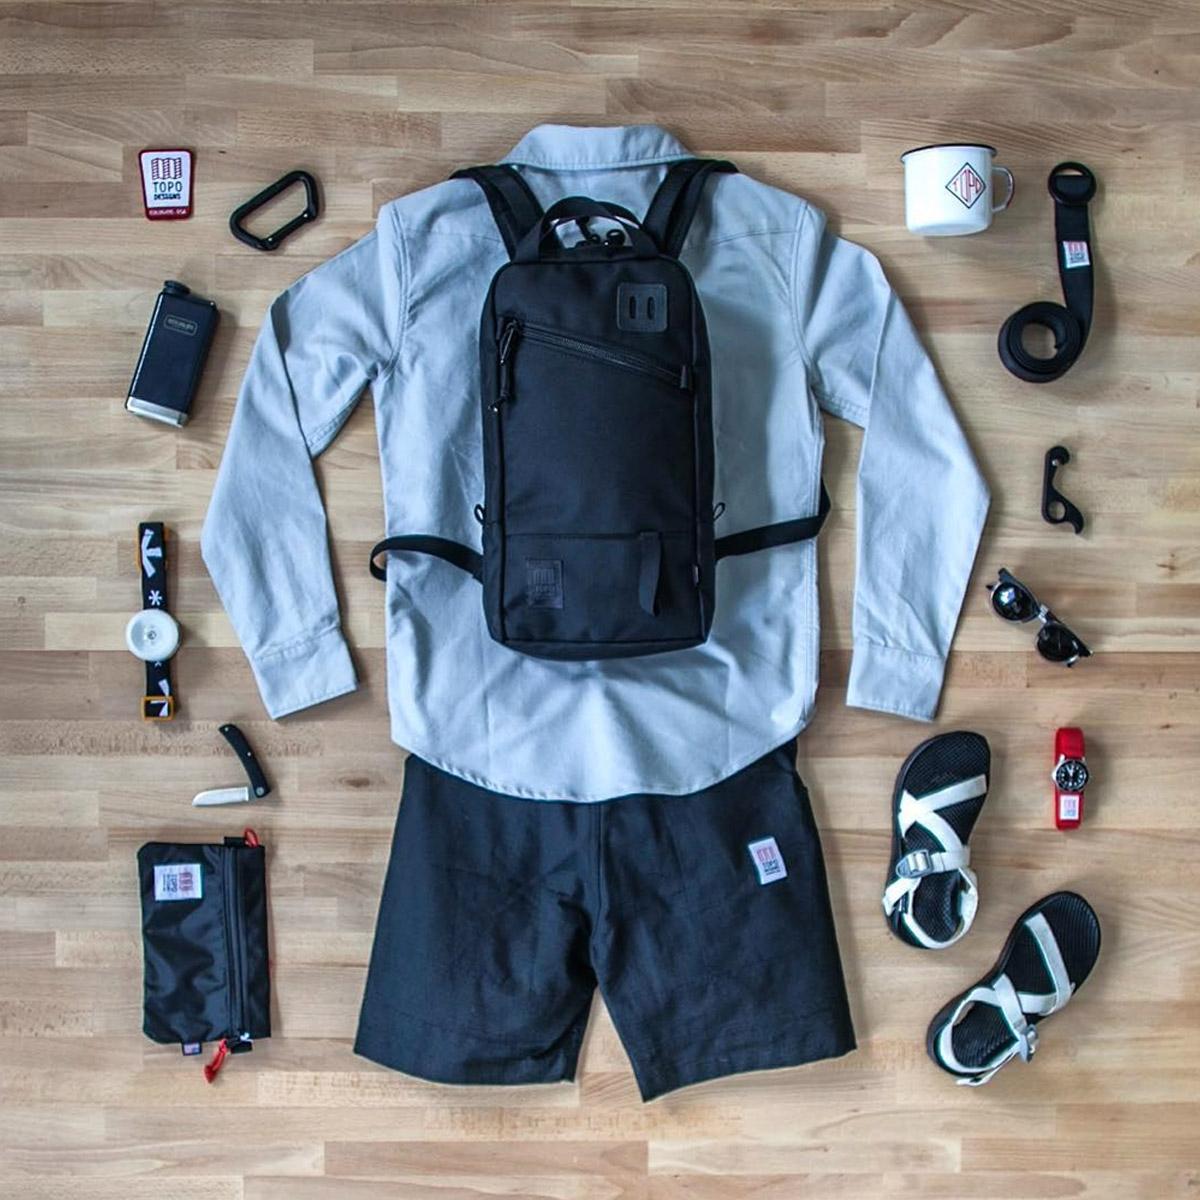 Topo Designs Trip Pack Ballistic Black, perfecte rugtas voor een dagtrip